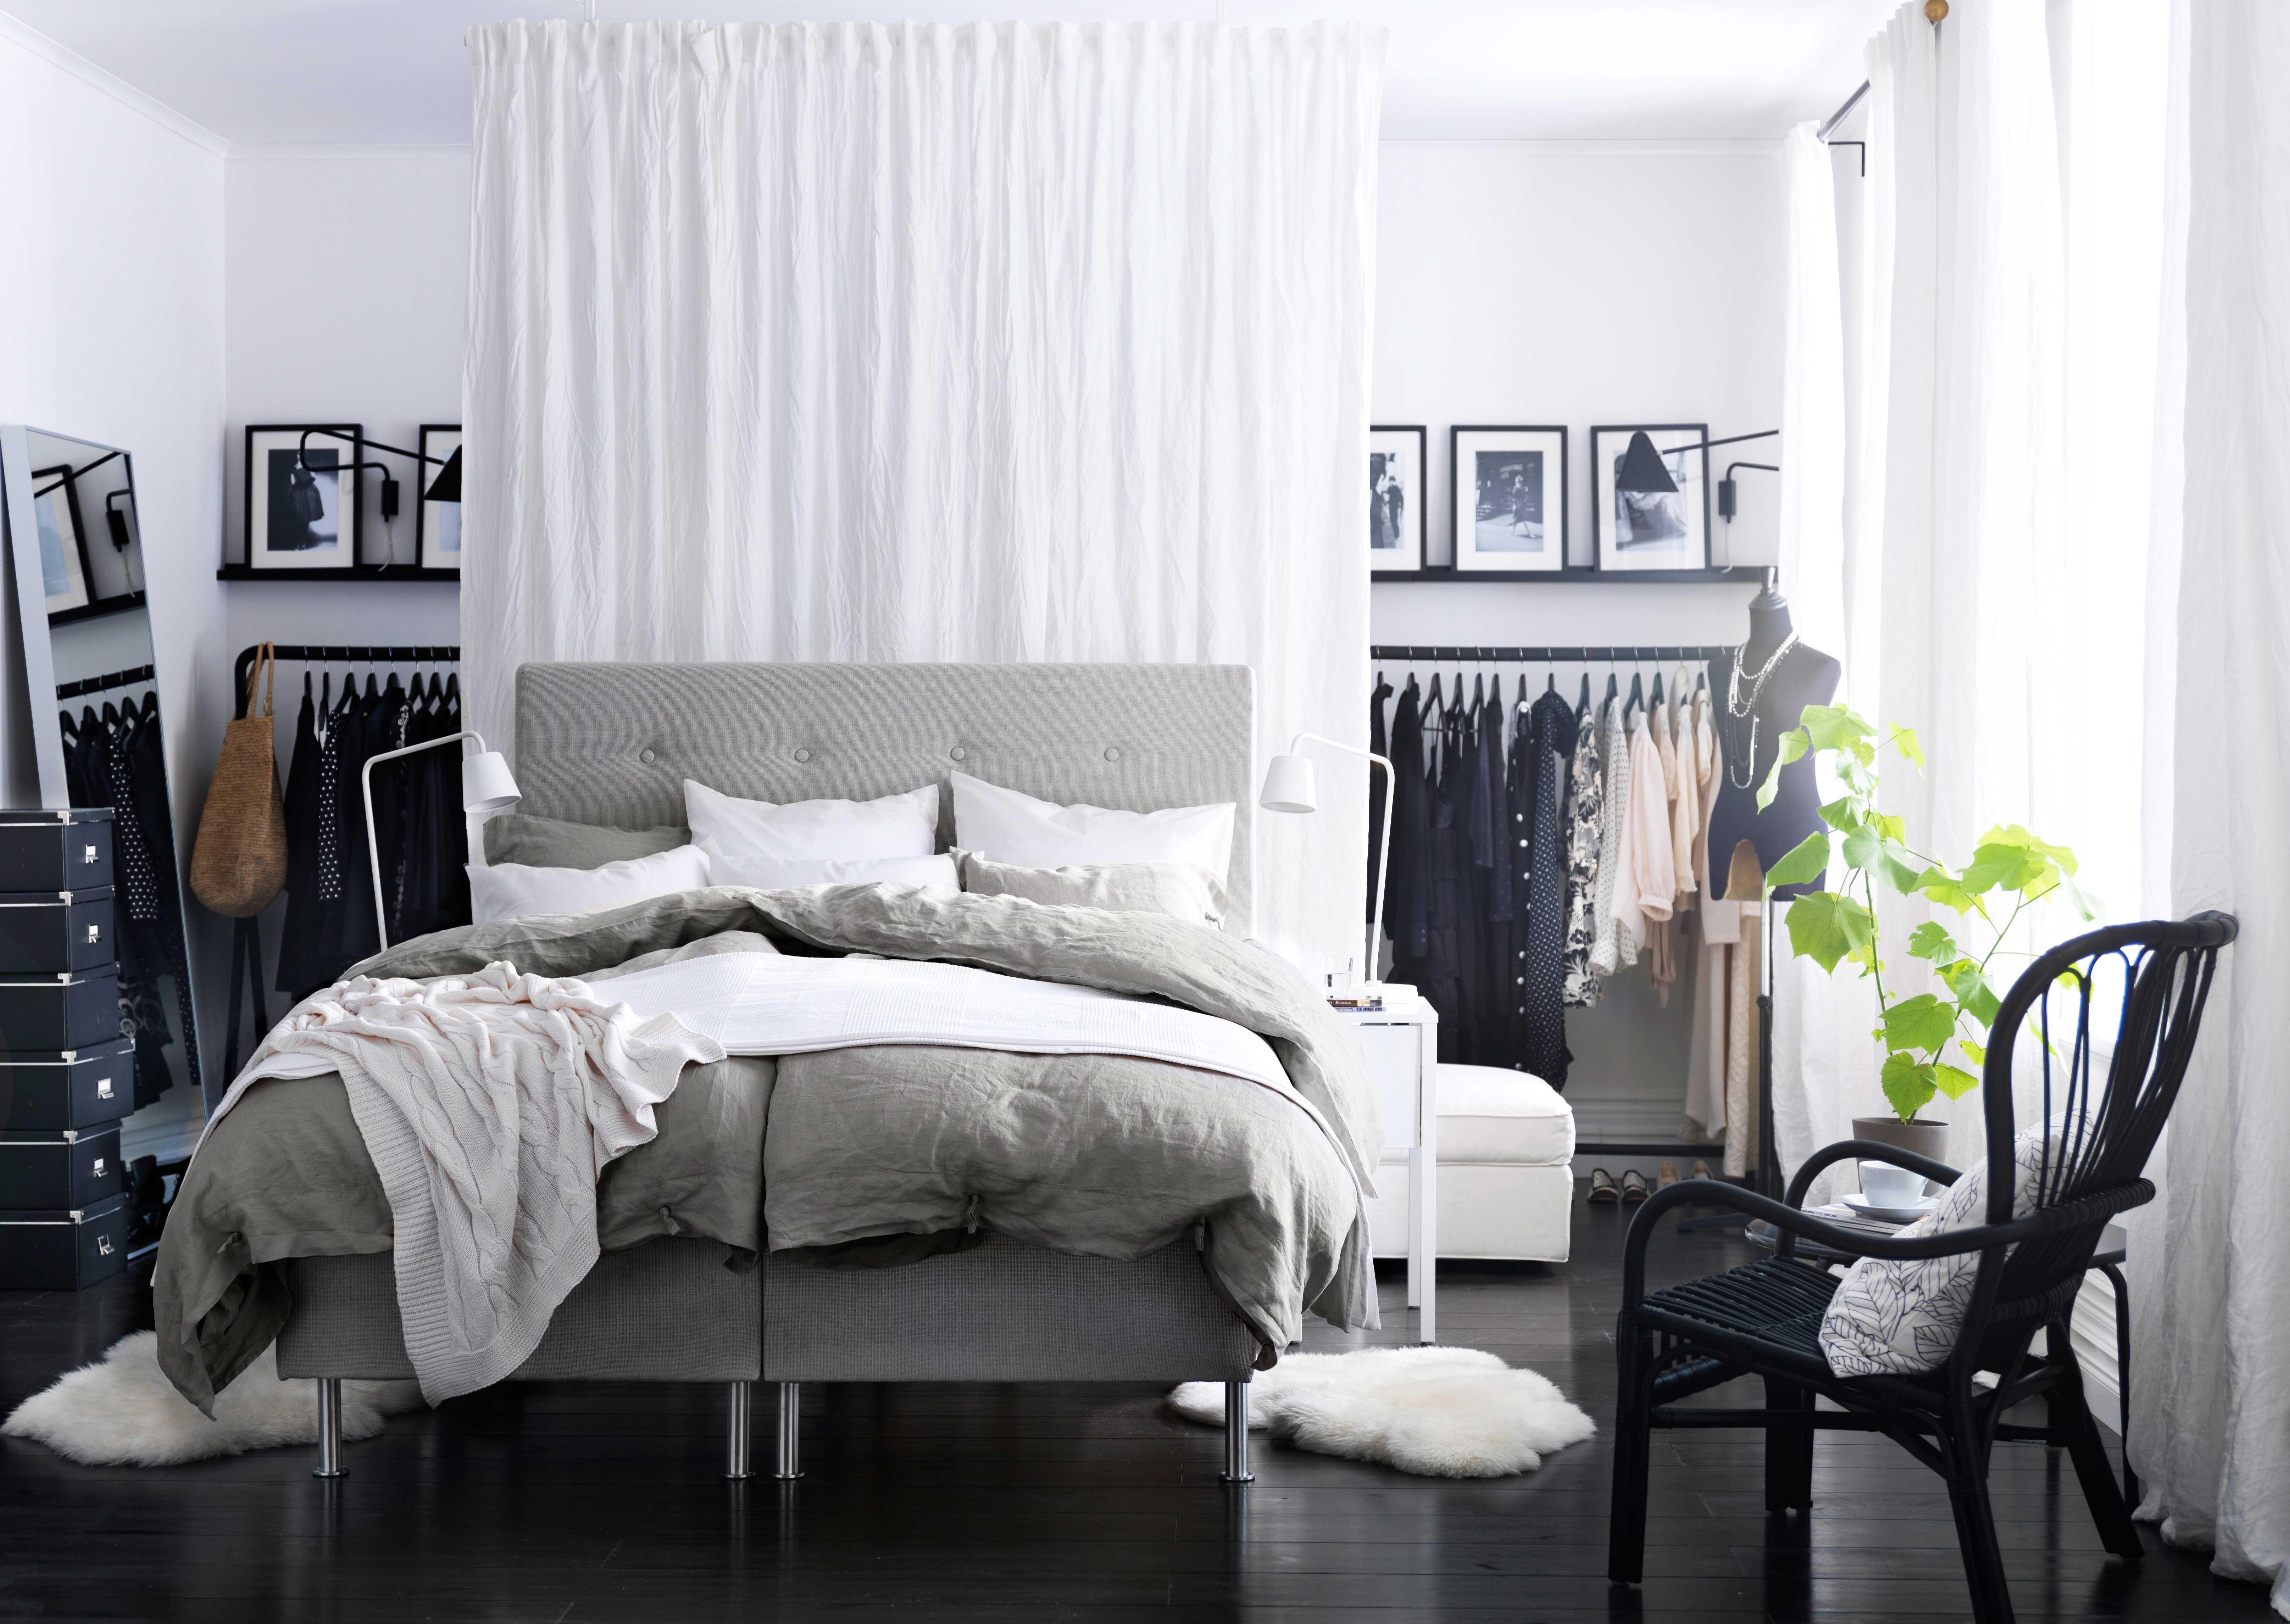 schlafzimmer betten matratzen schlafzimmerm bel online kaufen ikea schlafen pinterest. Black Bedroom Furniture Sets. Home Design Ideas